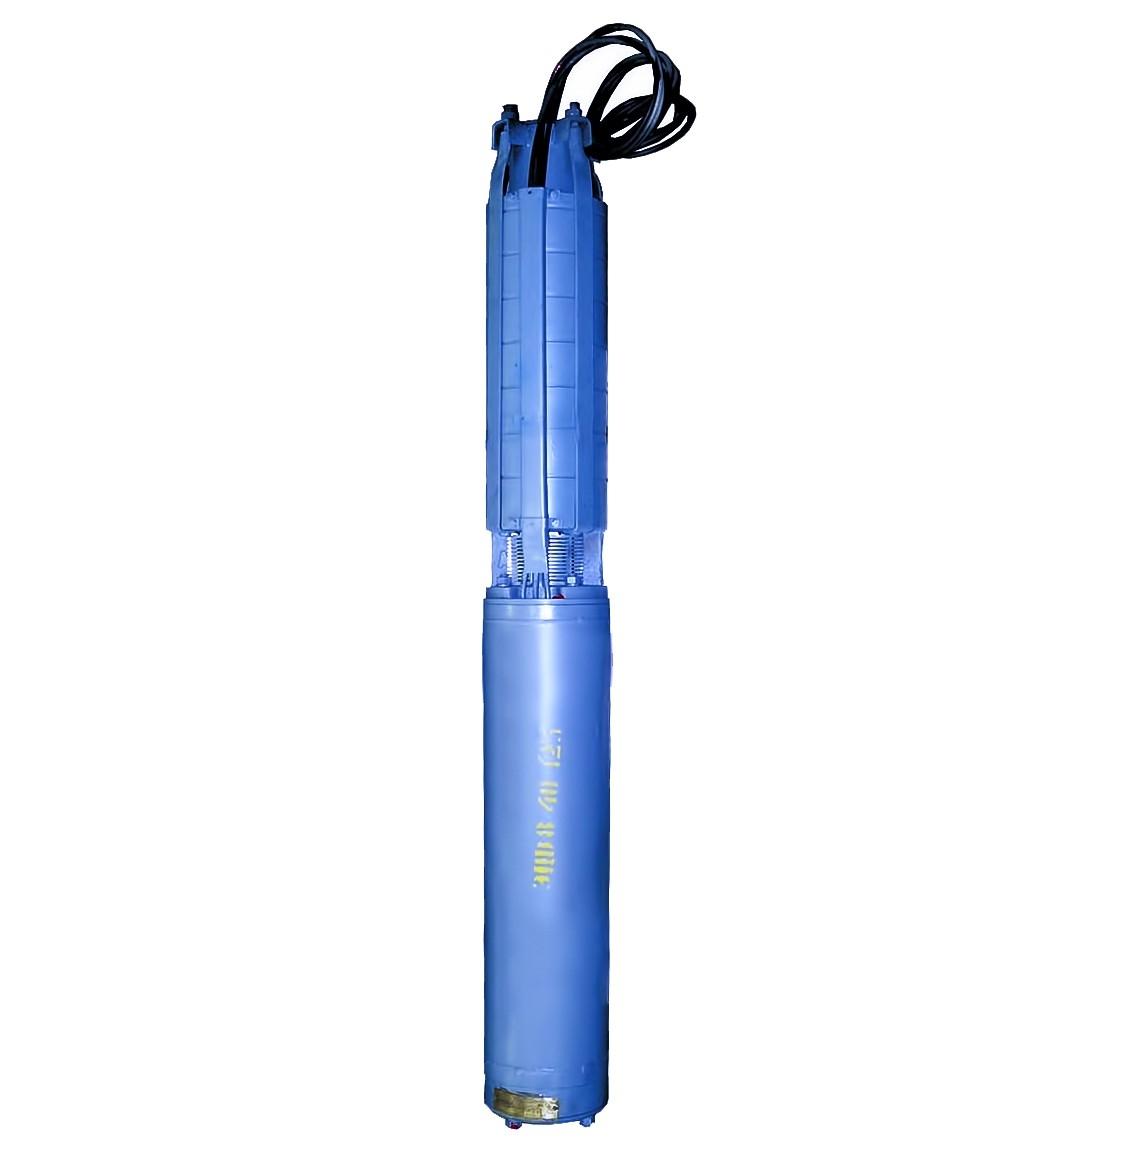 Погружной насос ЭЦВ 6-16-60 армлен